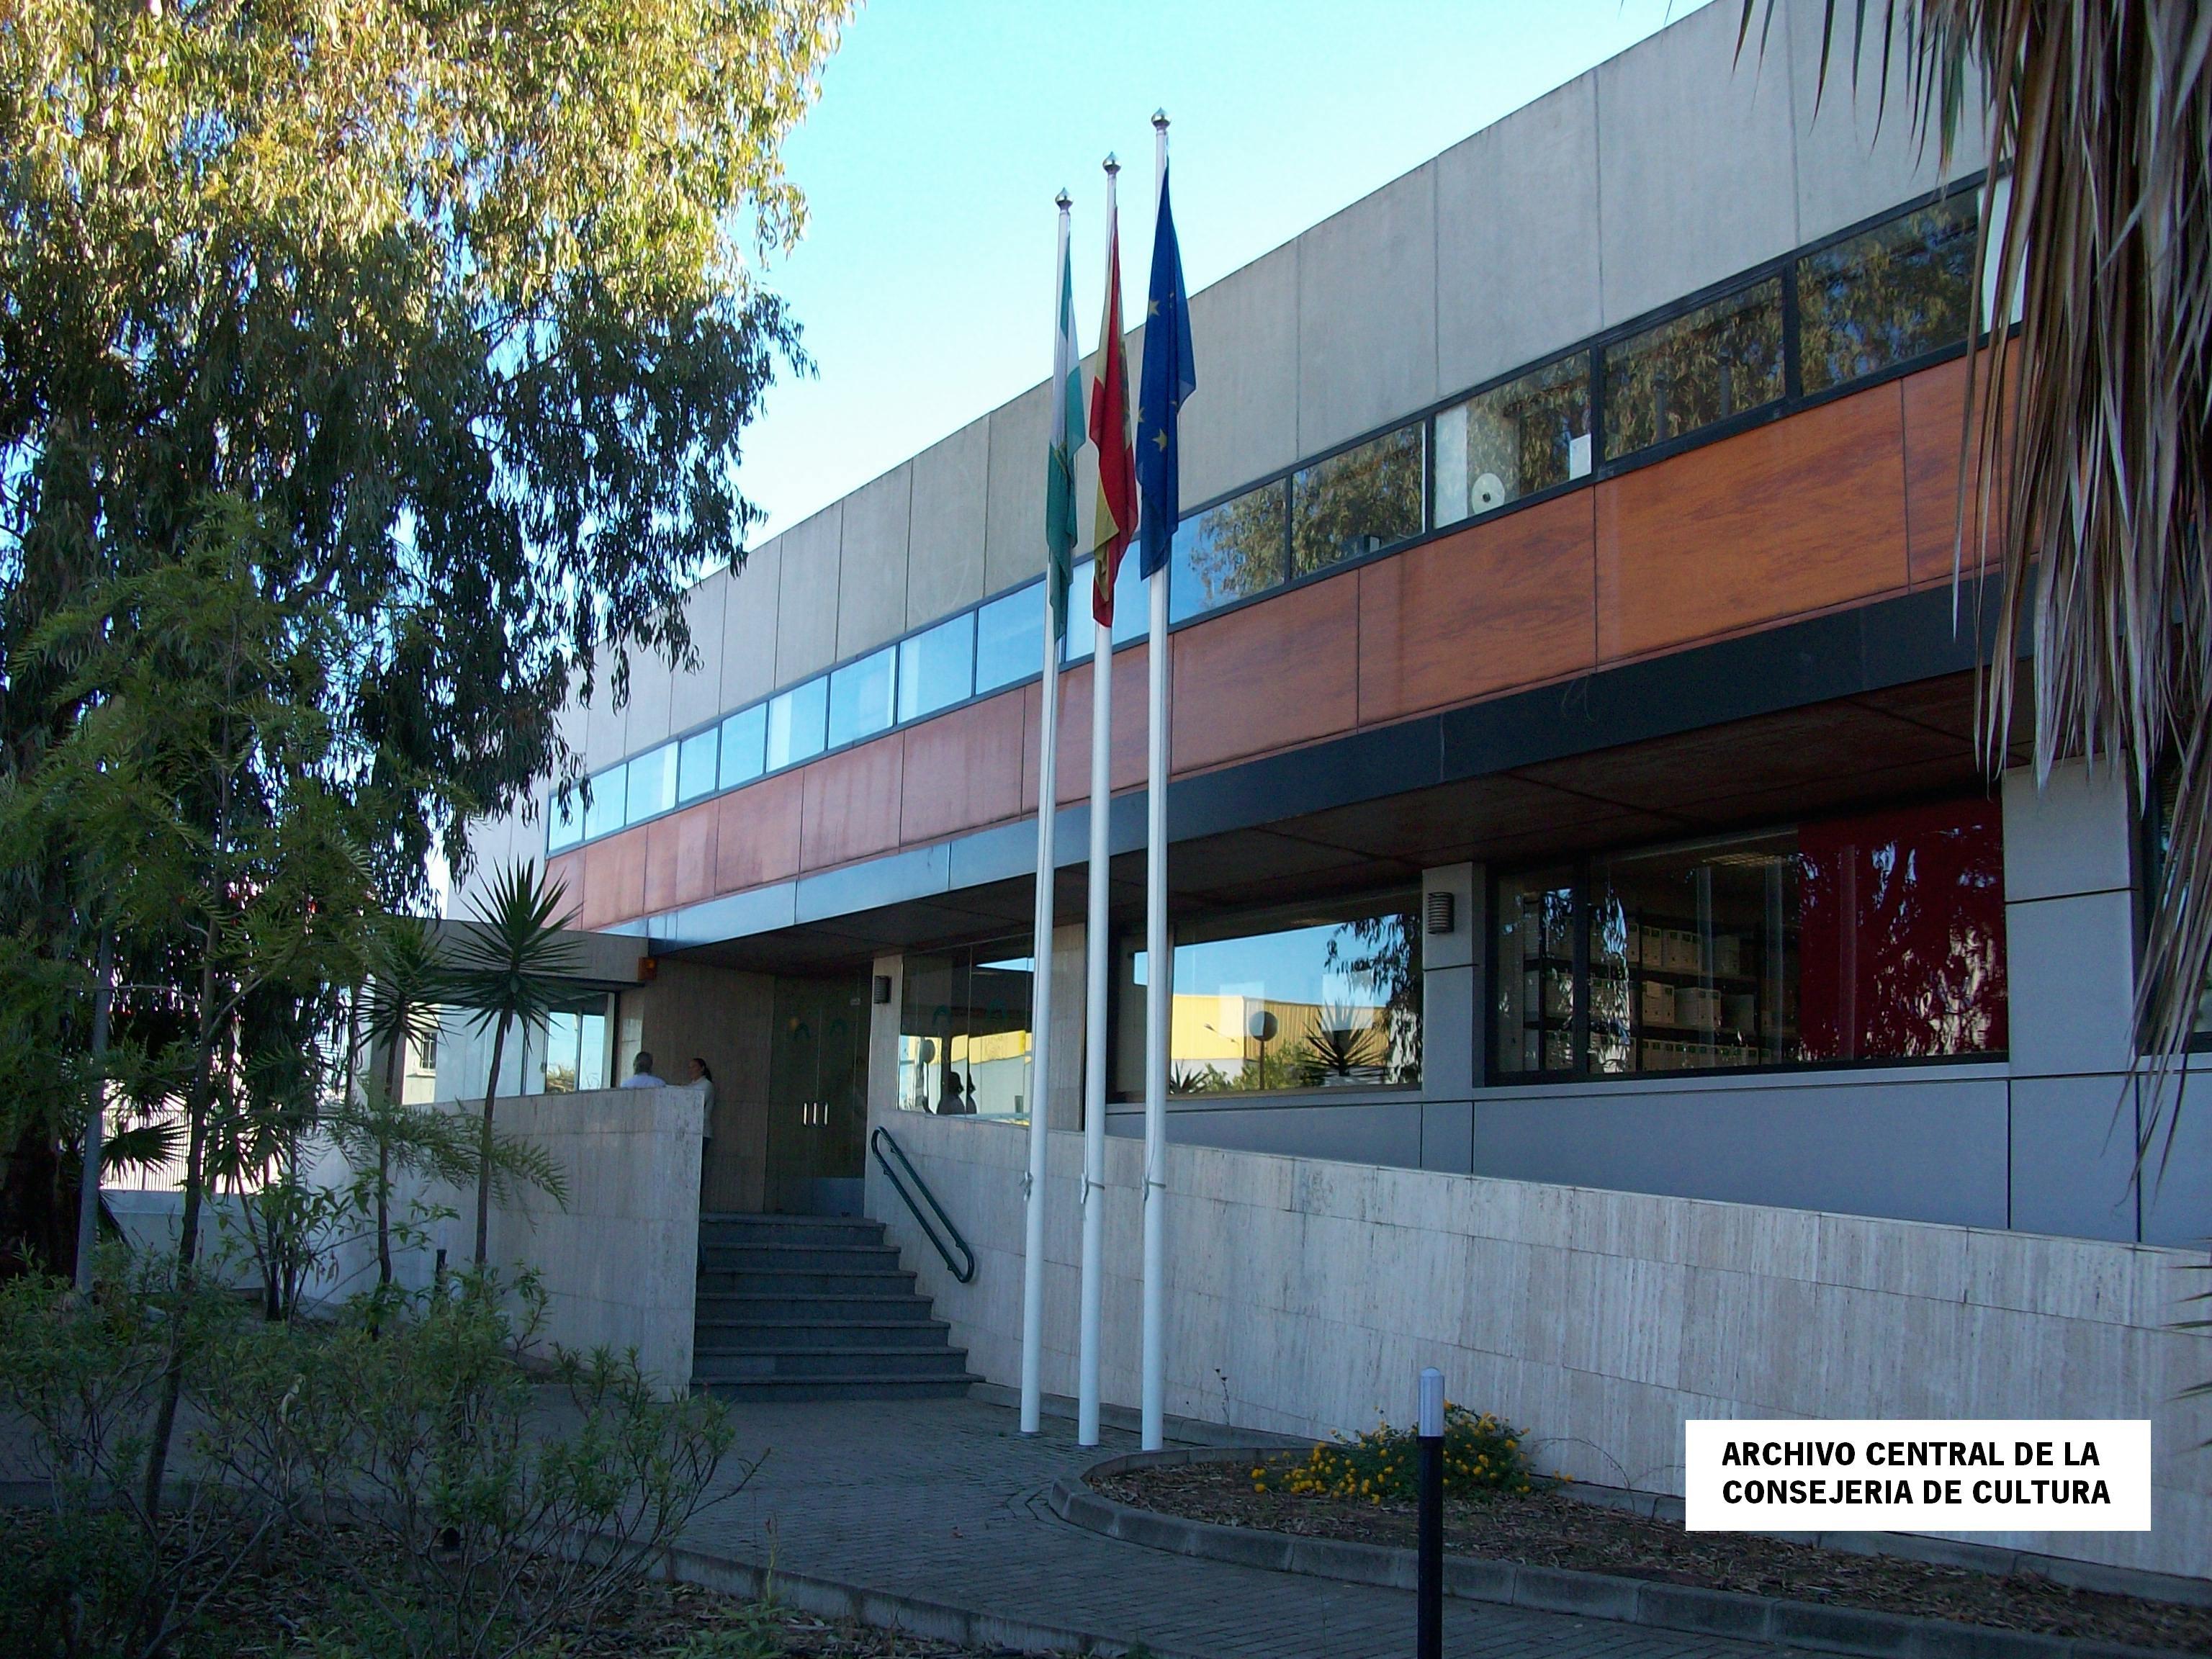 Archivo Archivo Central de la Consejería de Cultura y Patrimonio Histórico